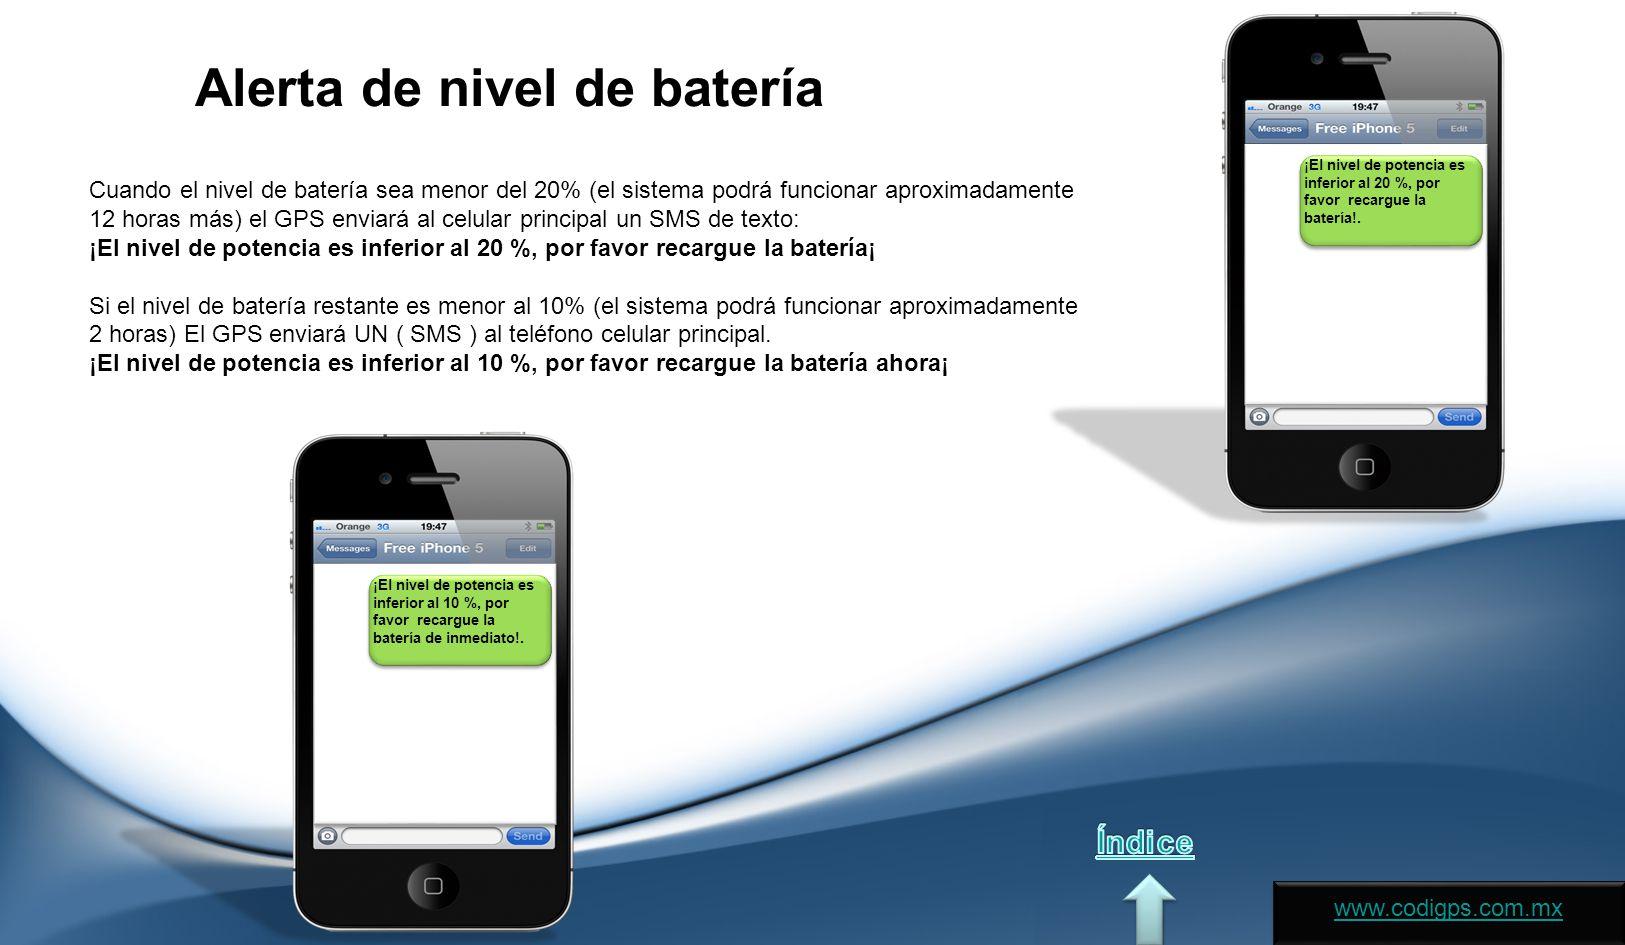 Alerta de nivel de batería Cuando el nivel de batería sea menor del 20% (el sistema podrá funcionar aproximadamente 12 horas más) el GPS enviará al celular principal un SMS de texto: ¡El nivel de potencia es inferior al 20 %, por favor recargue la batería¡ Si el nivel de batería restante es menor al 10% (el sistema podrá funcionar aproximadamente 2 horas) El GPS enviará UN ( SMS ) al teléfono celular principal.